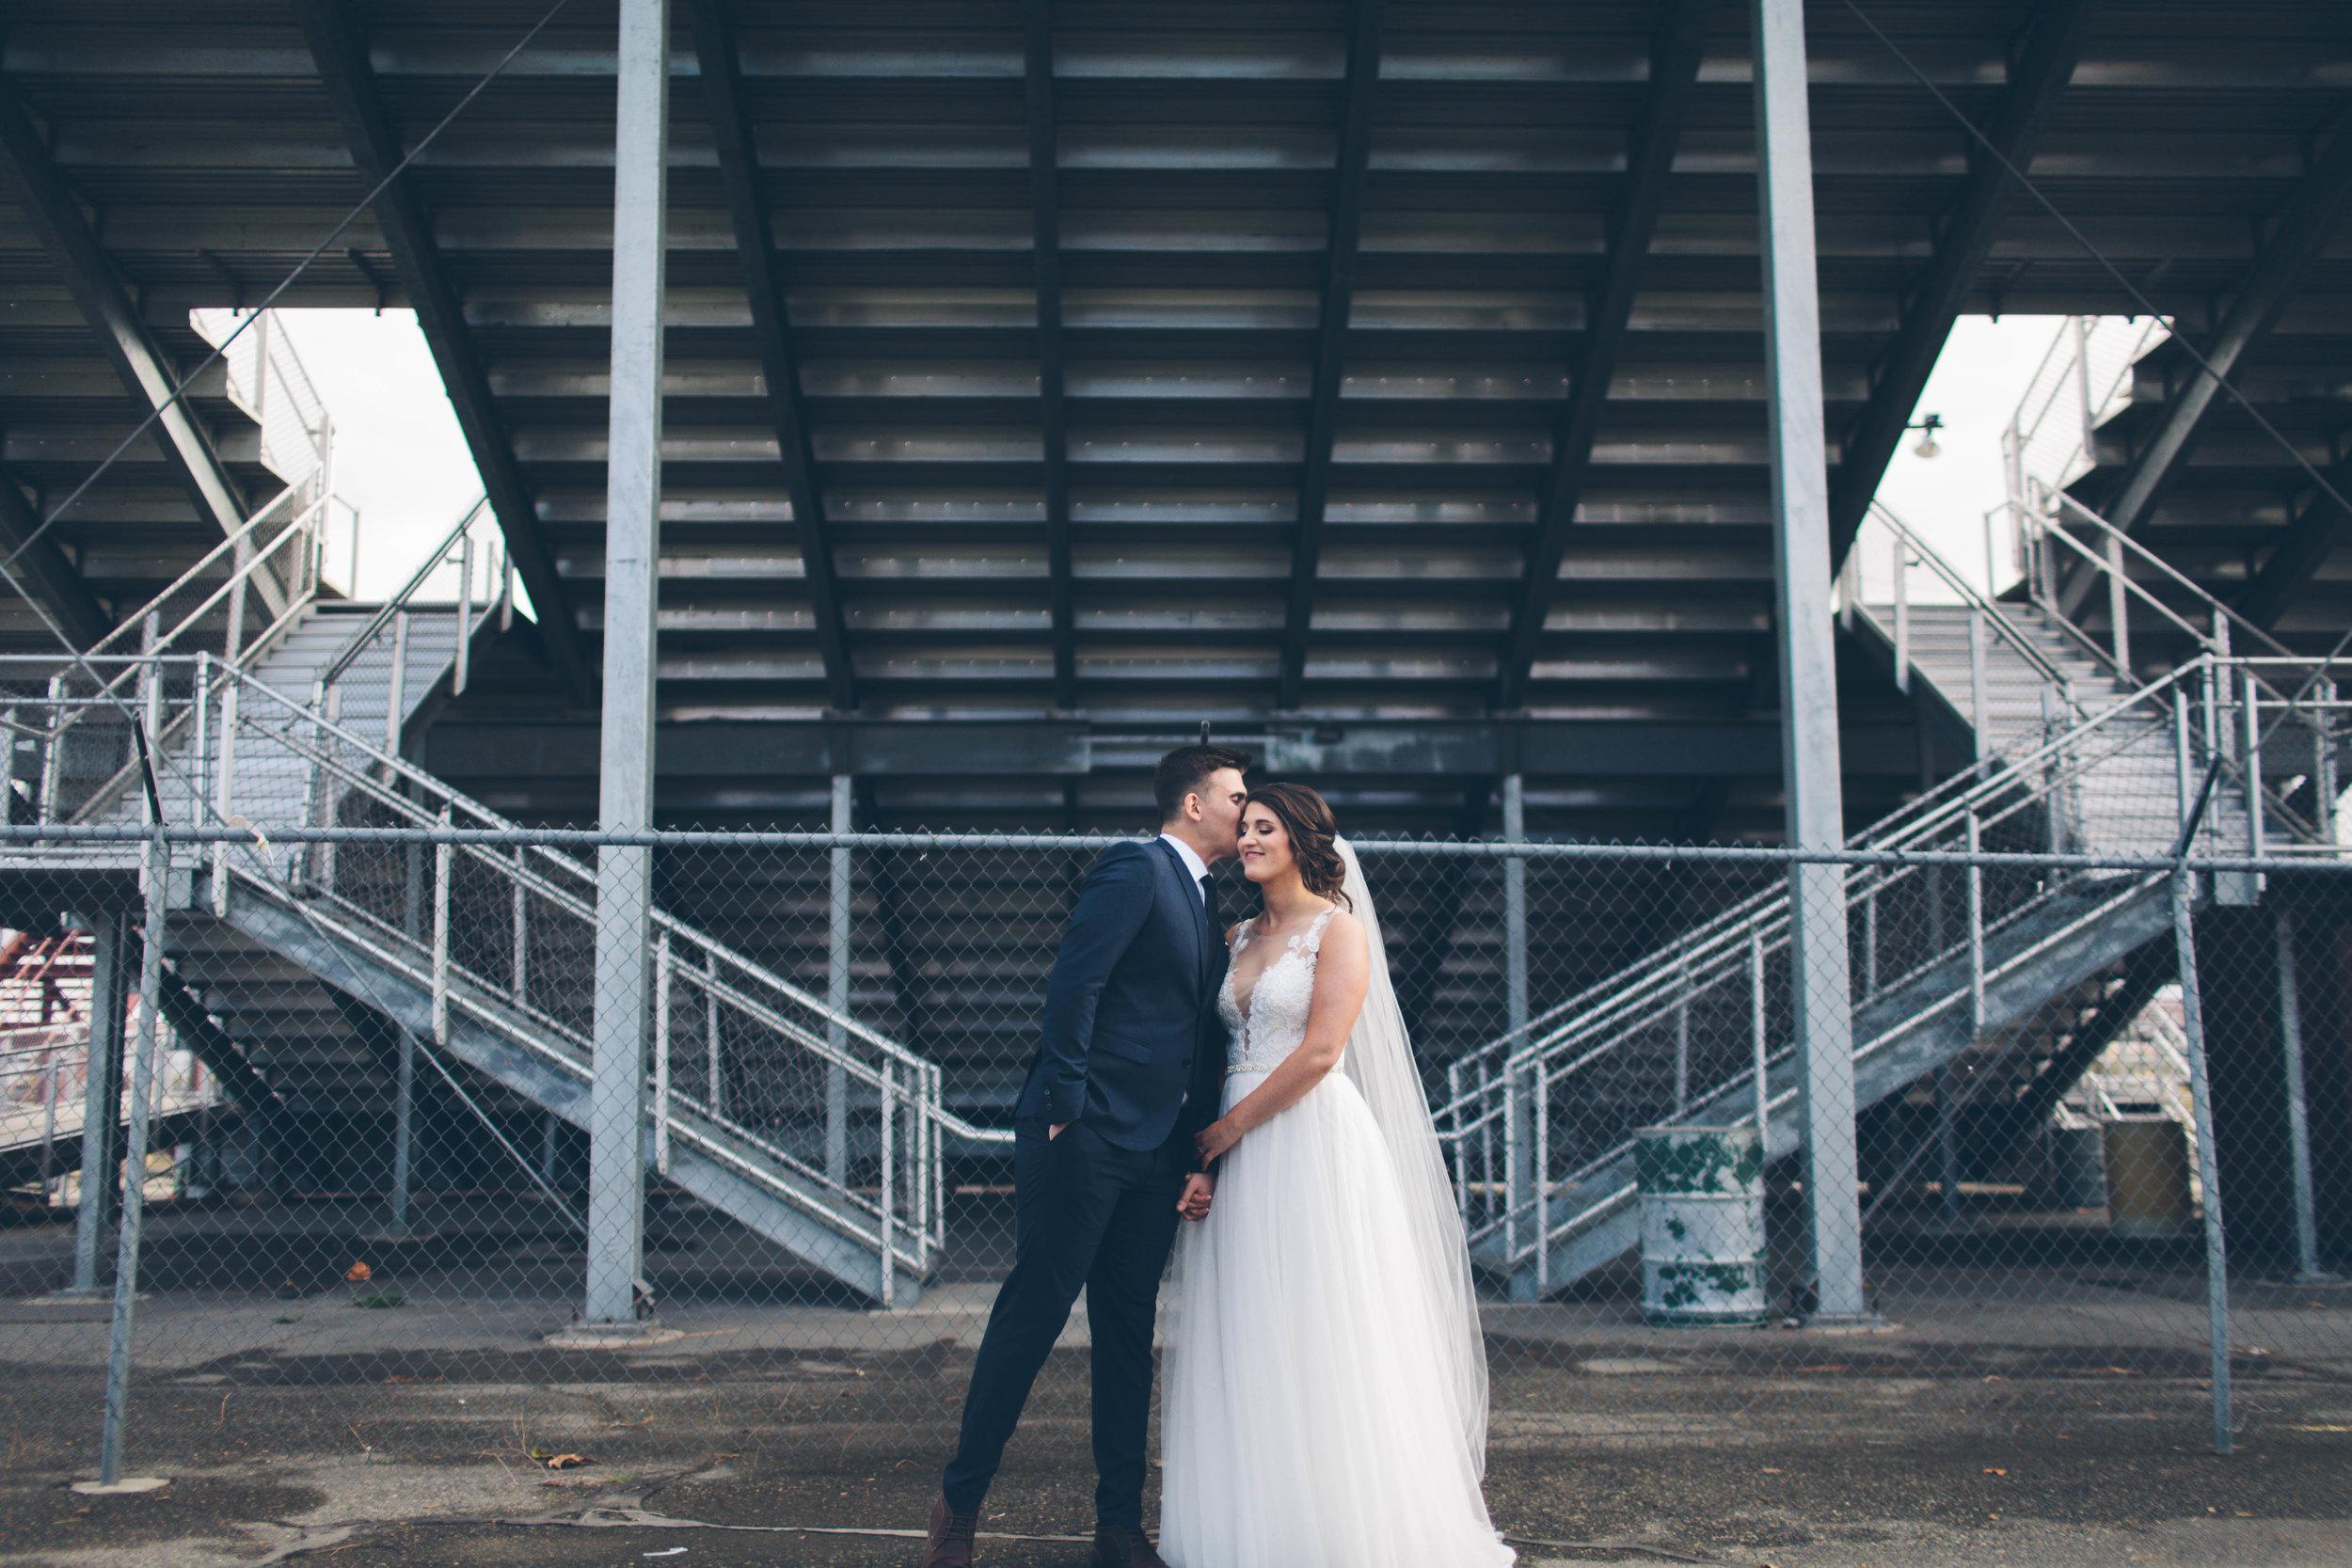 bleachers bride and groom